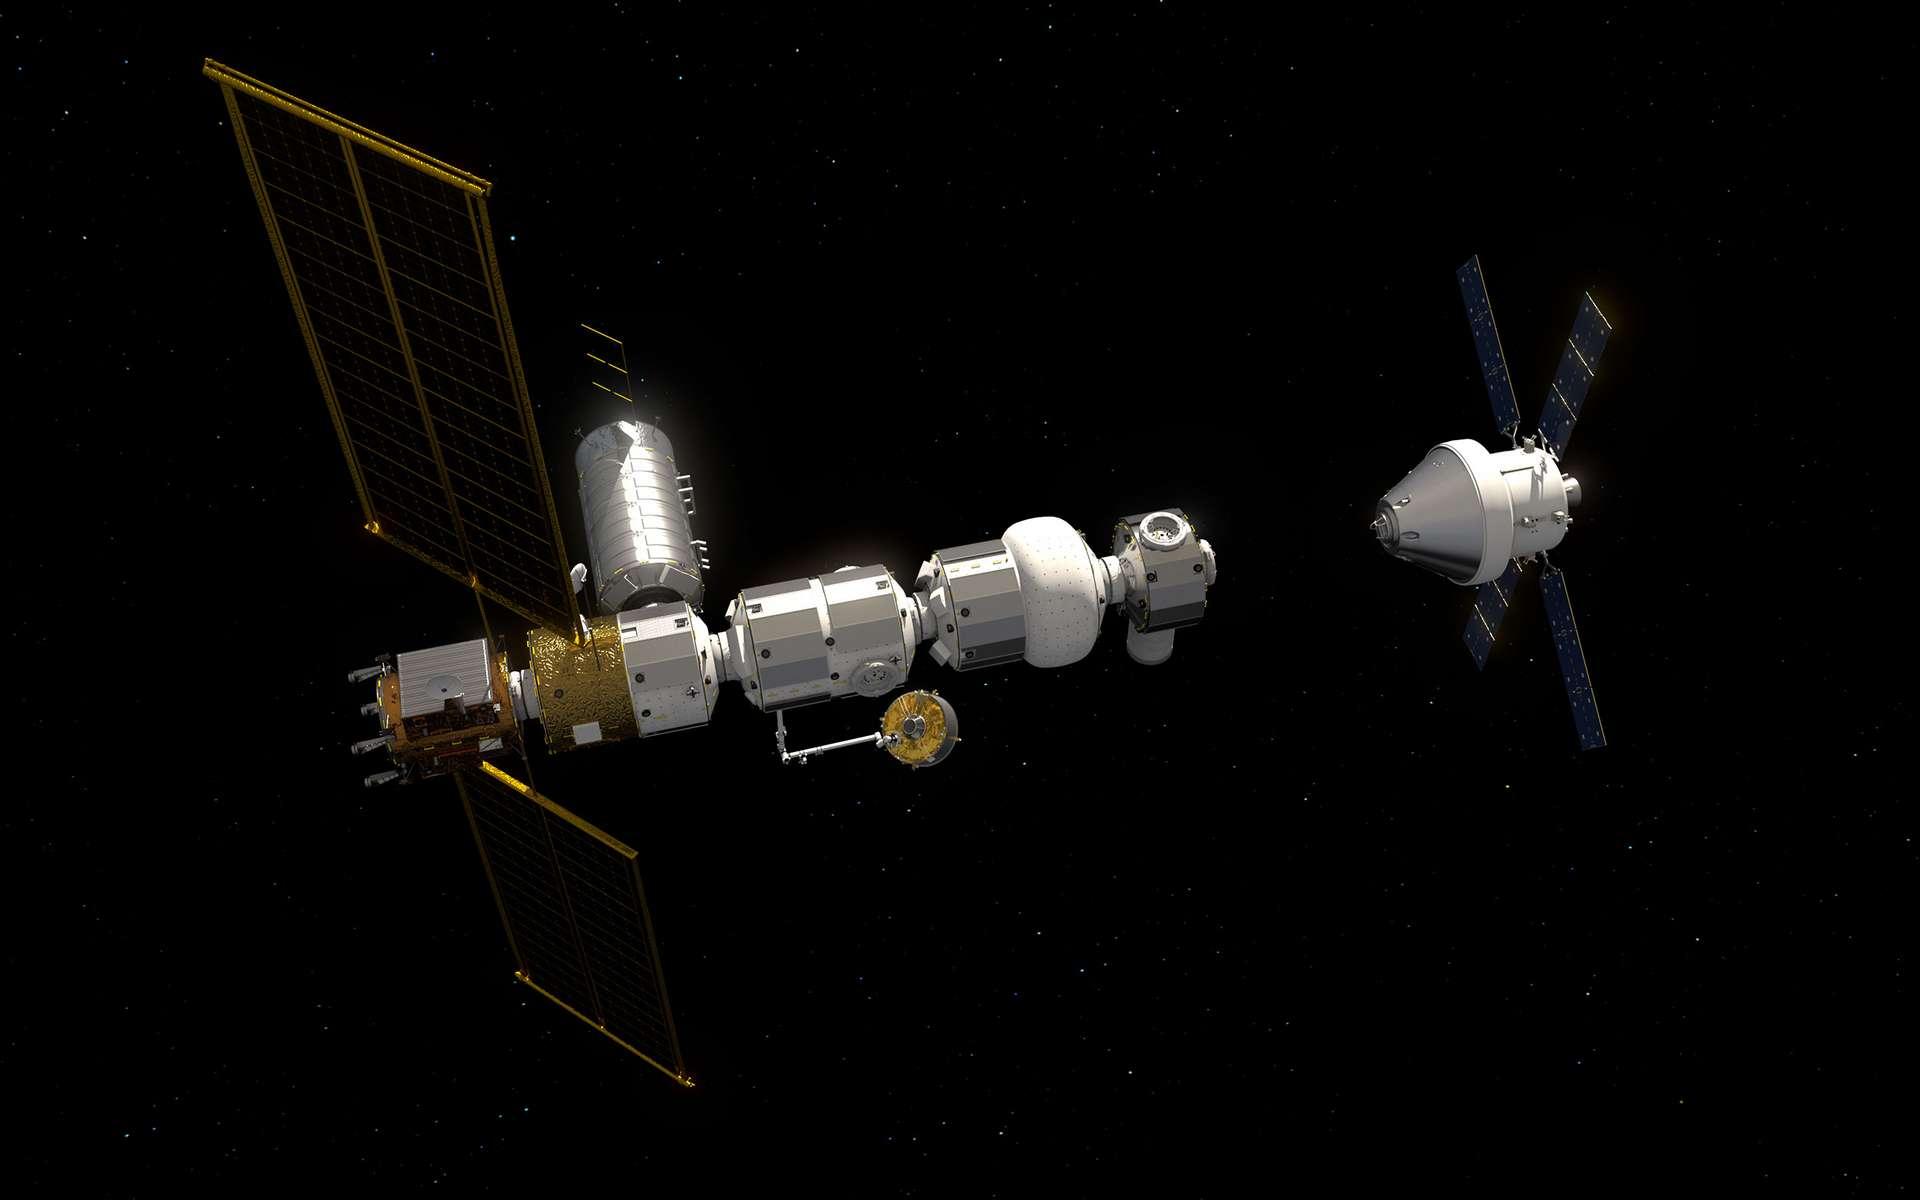 Vue d'artiste de la future petite station spatiale lunaire (Gateway) avec un véhicule spatial Orion en approche. © ESA, J. Huart